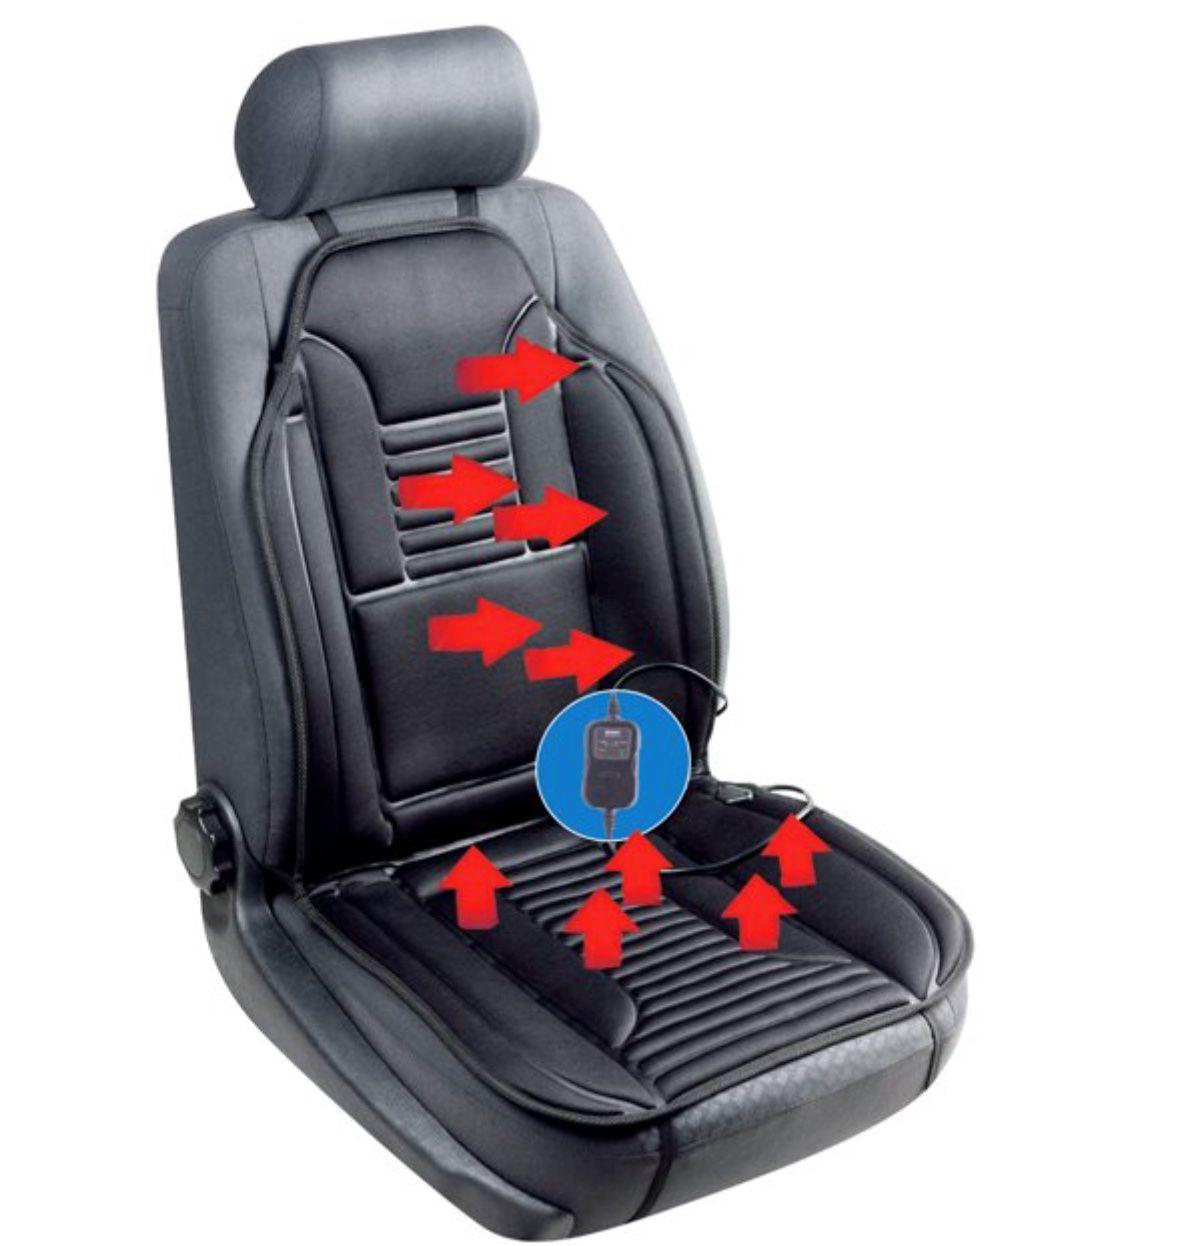 Sojoy International 12V Car Seat